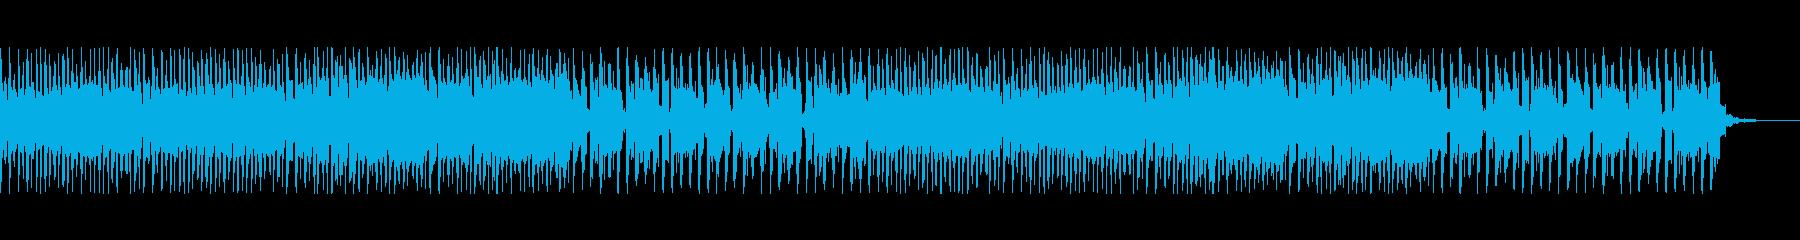 ほのぼのした日常のフルートメロディーの再生済みの波形